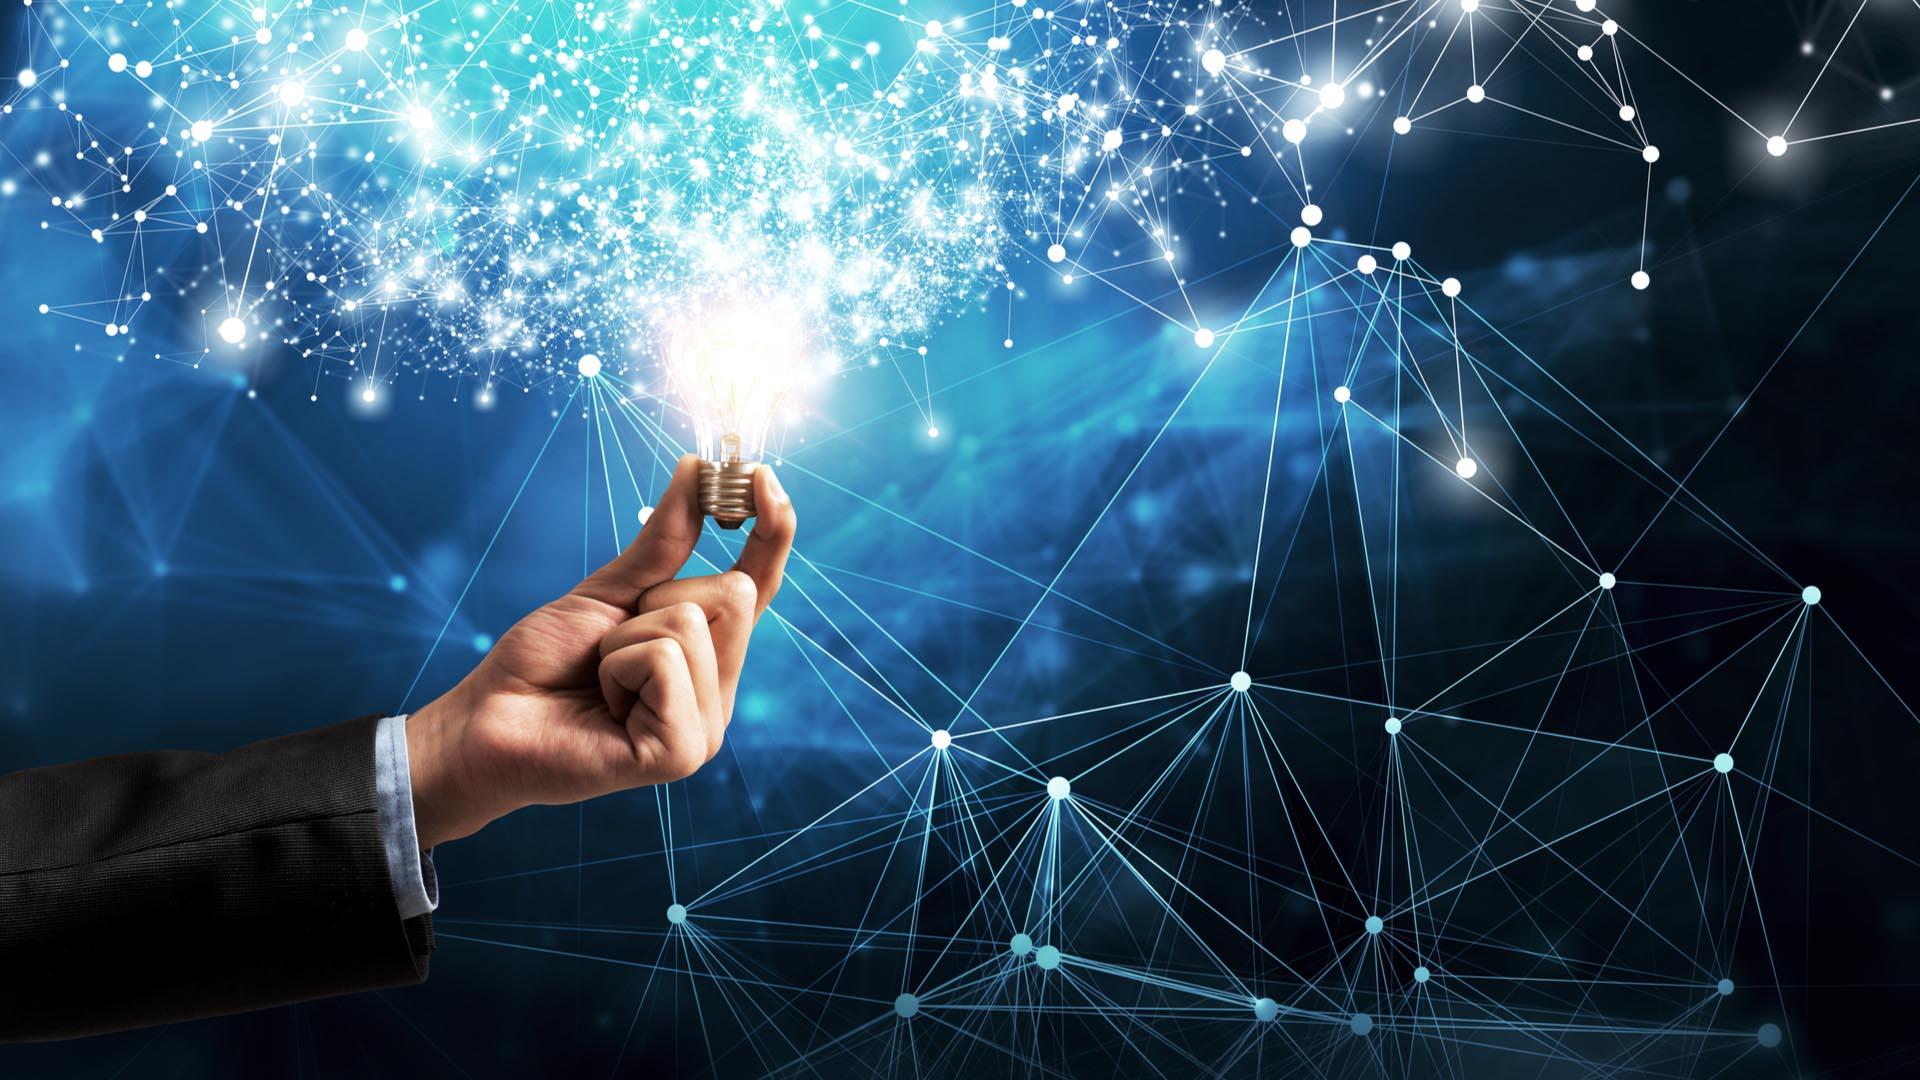 Lanza (Intesa, Gruppo IBM): «L'innovazione circolare è la chiave di volta»